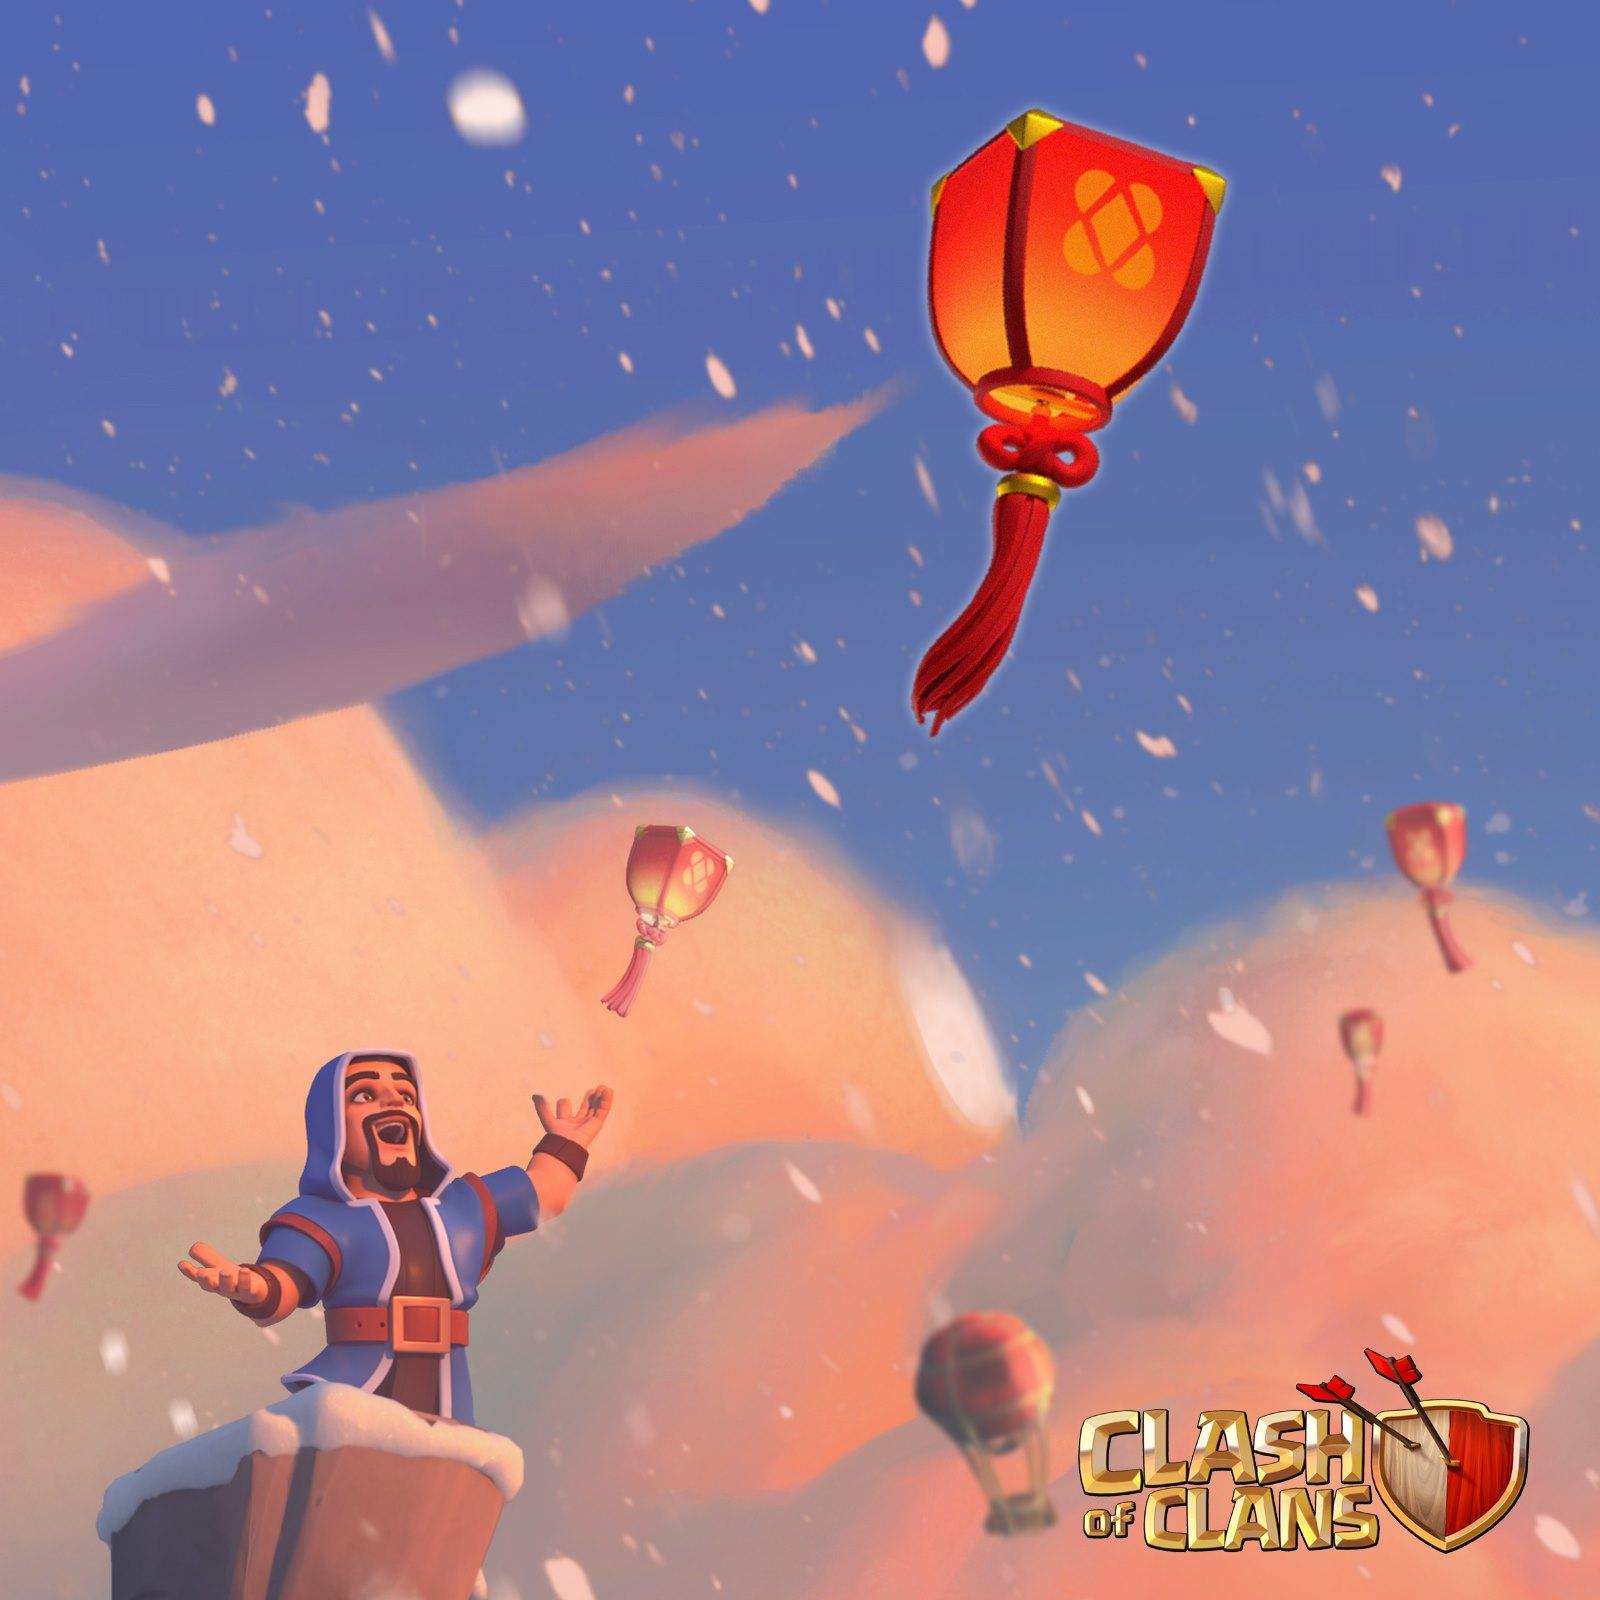 Hình ảnh Clash of clans đèn lồng